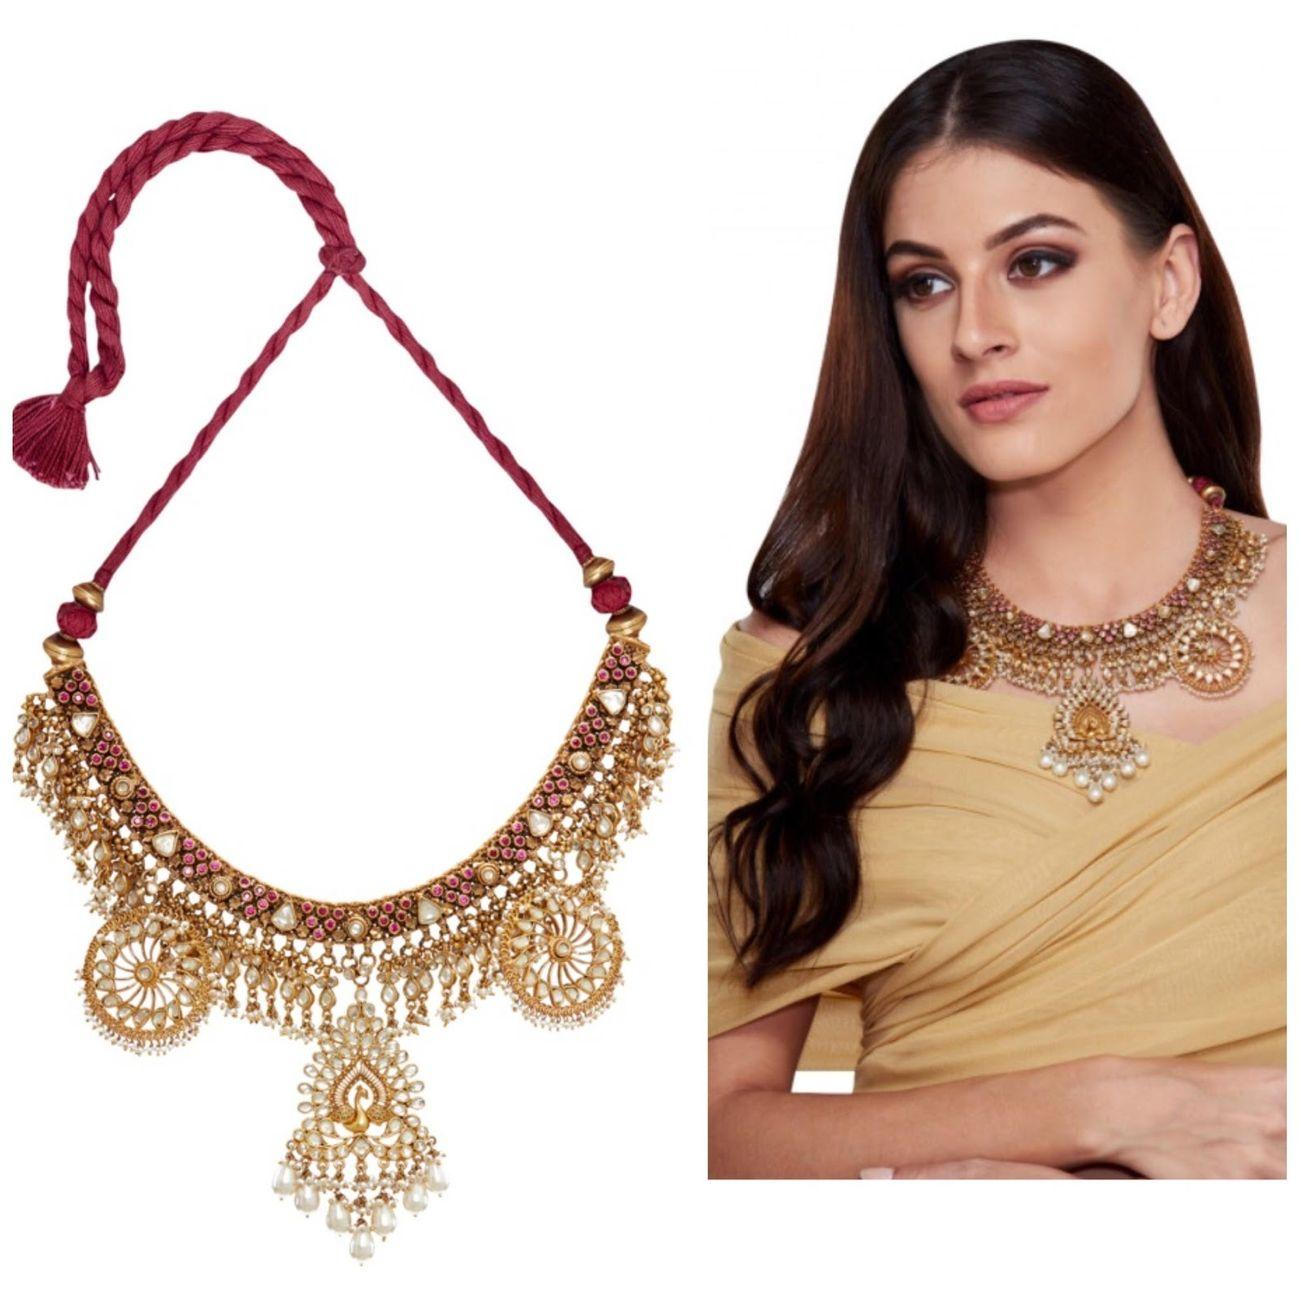 Artifical designer necklace